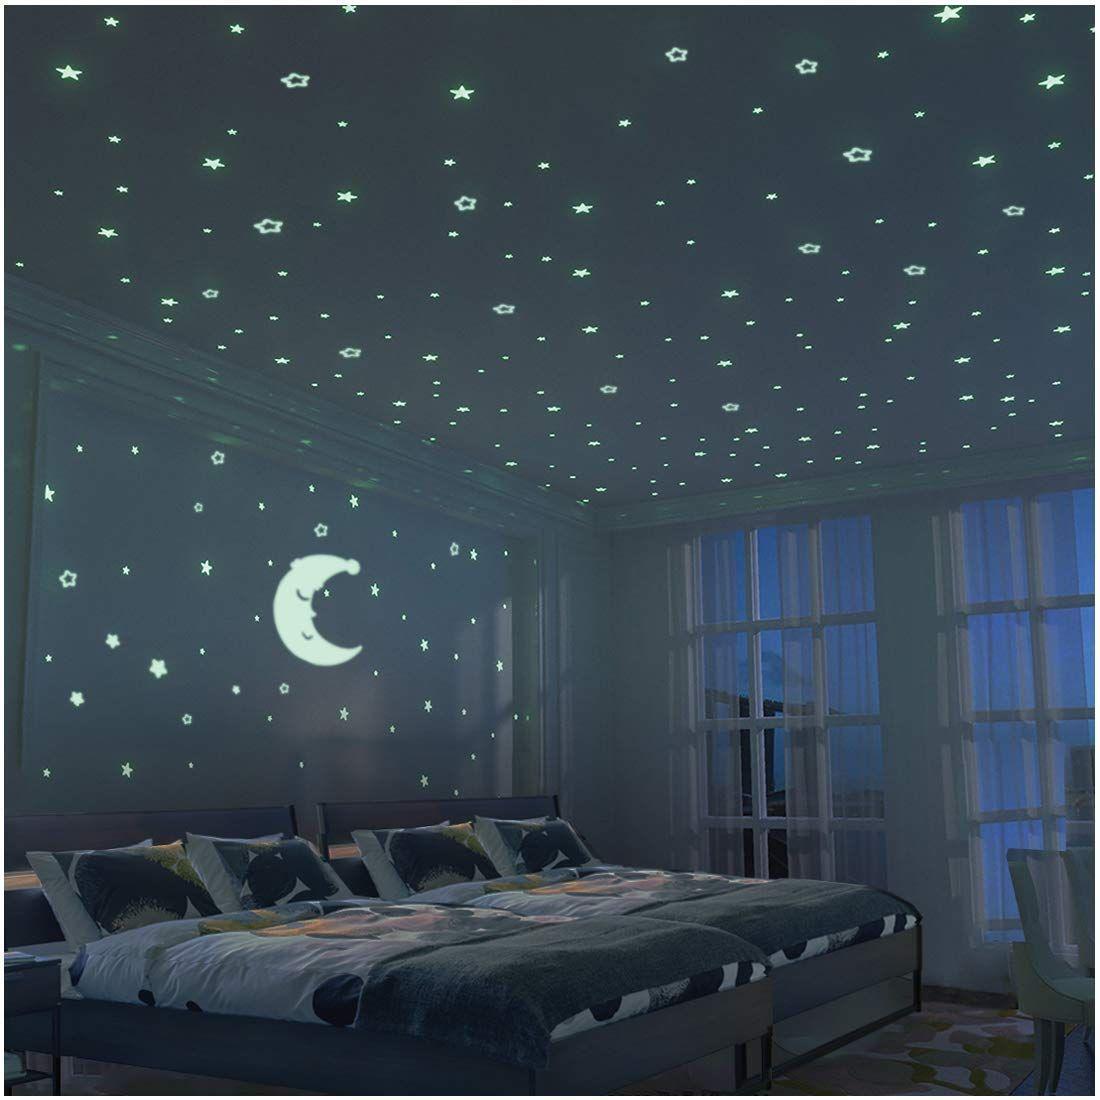 Estrellas Y Luna Pegatina De Pared Para Dormitorio De Niños 300 Más Brillante Estrellas Luminosos Fl Kids Bedroom Walls Wall Stickers Bedroom Ceiling Decor